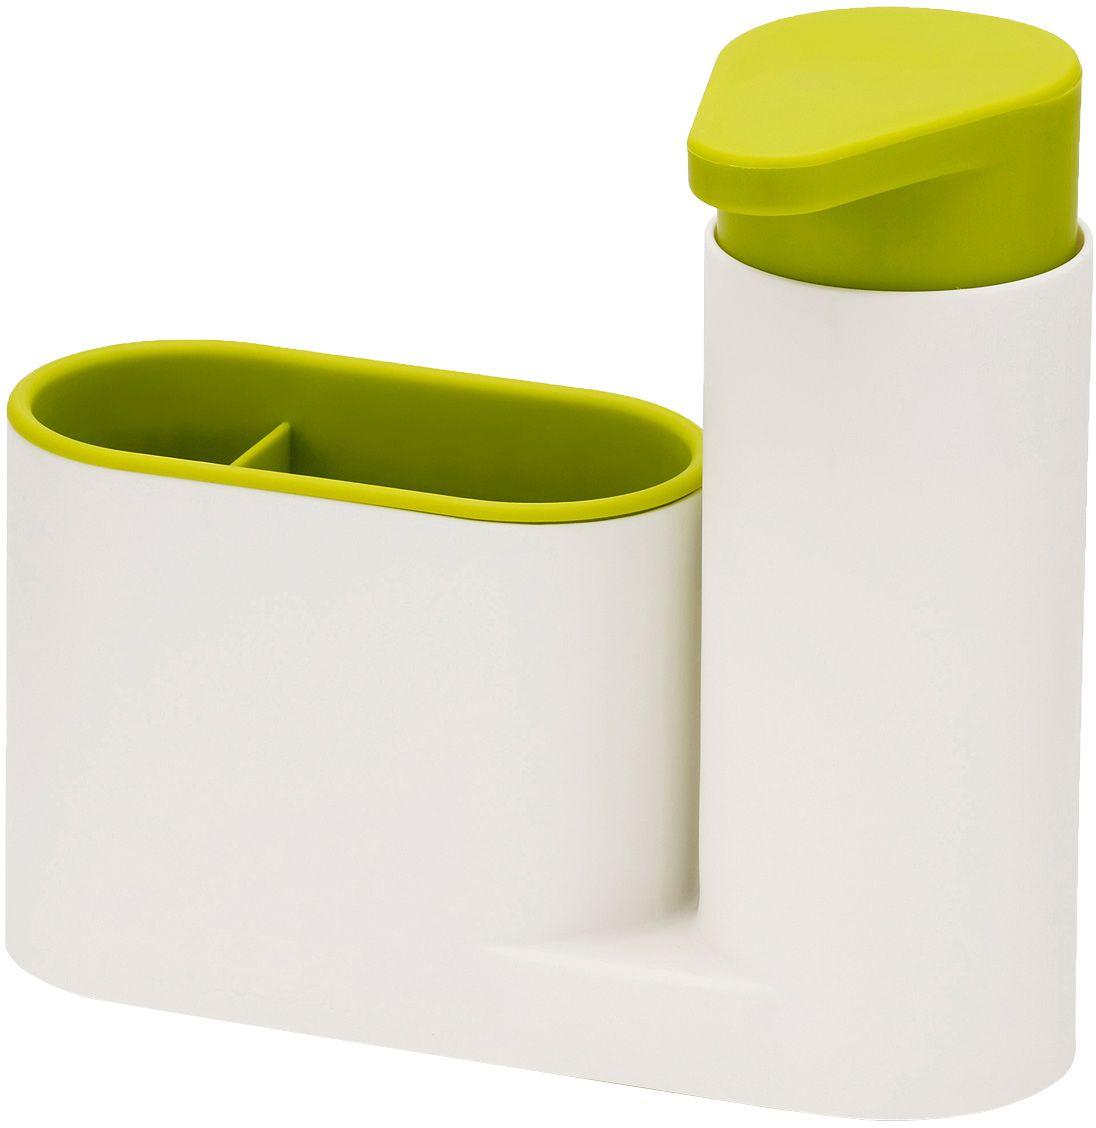 Органайзер для раковины Joseph Joseph SinkBase, с дозатором для мыла, цвет: белый, зеленый85081Функциональный набор для организации пространства на кухонной раковине. Набор состоит из удобного дозатора для жидкого мыла и подставки с двумя отделениями для щеток и губок. Благодаря компактному дизайну органайзер может быть размещен даже на узкой стороне раковины.Рекомендуется мыть только вручную.